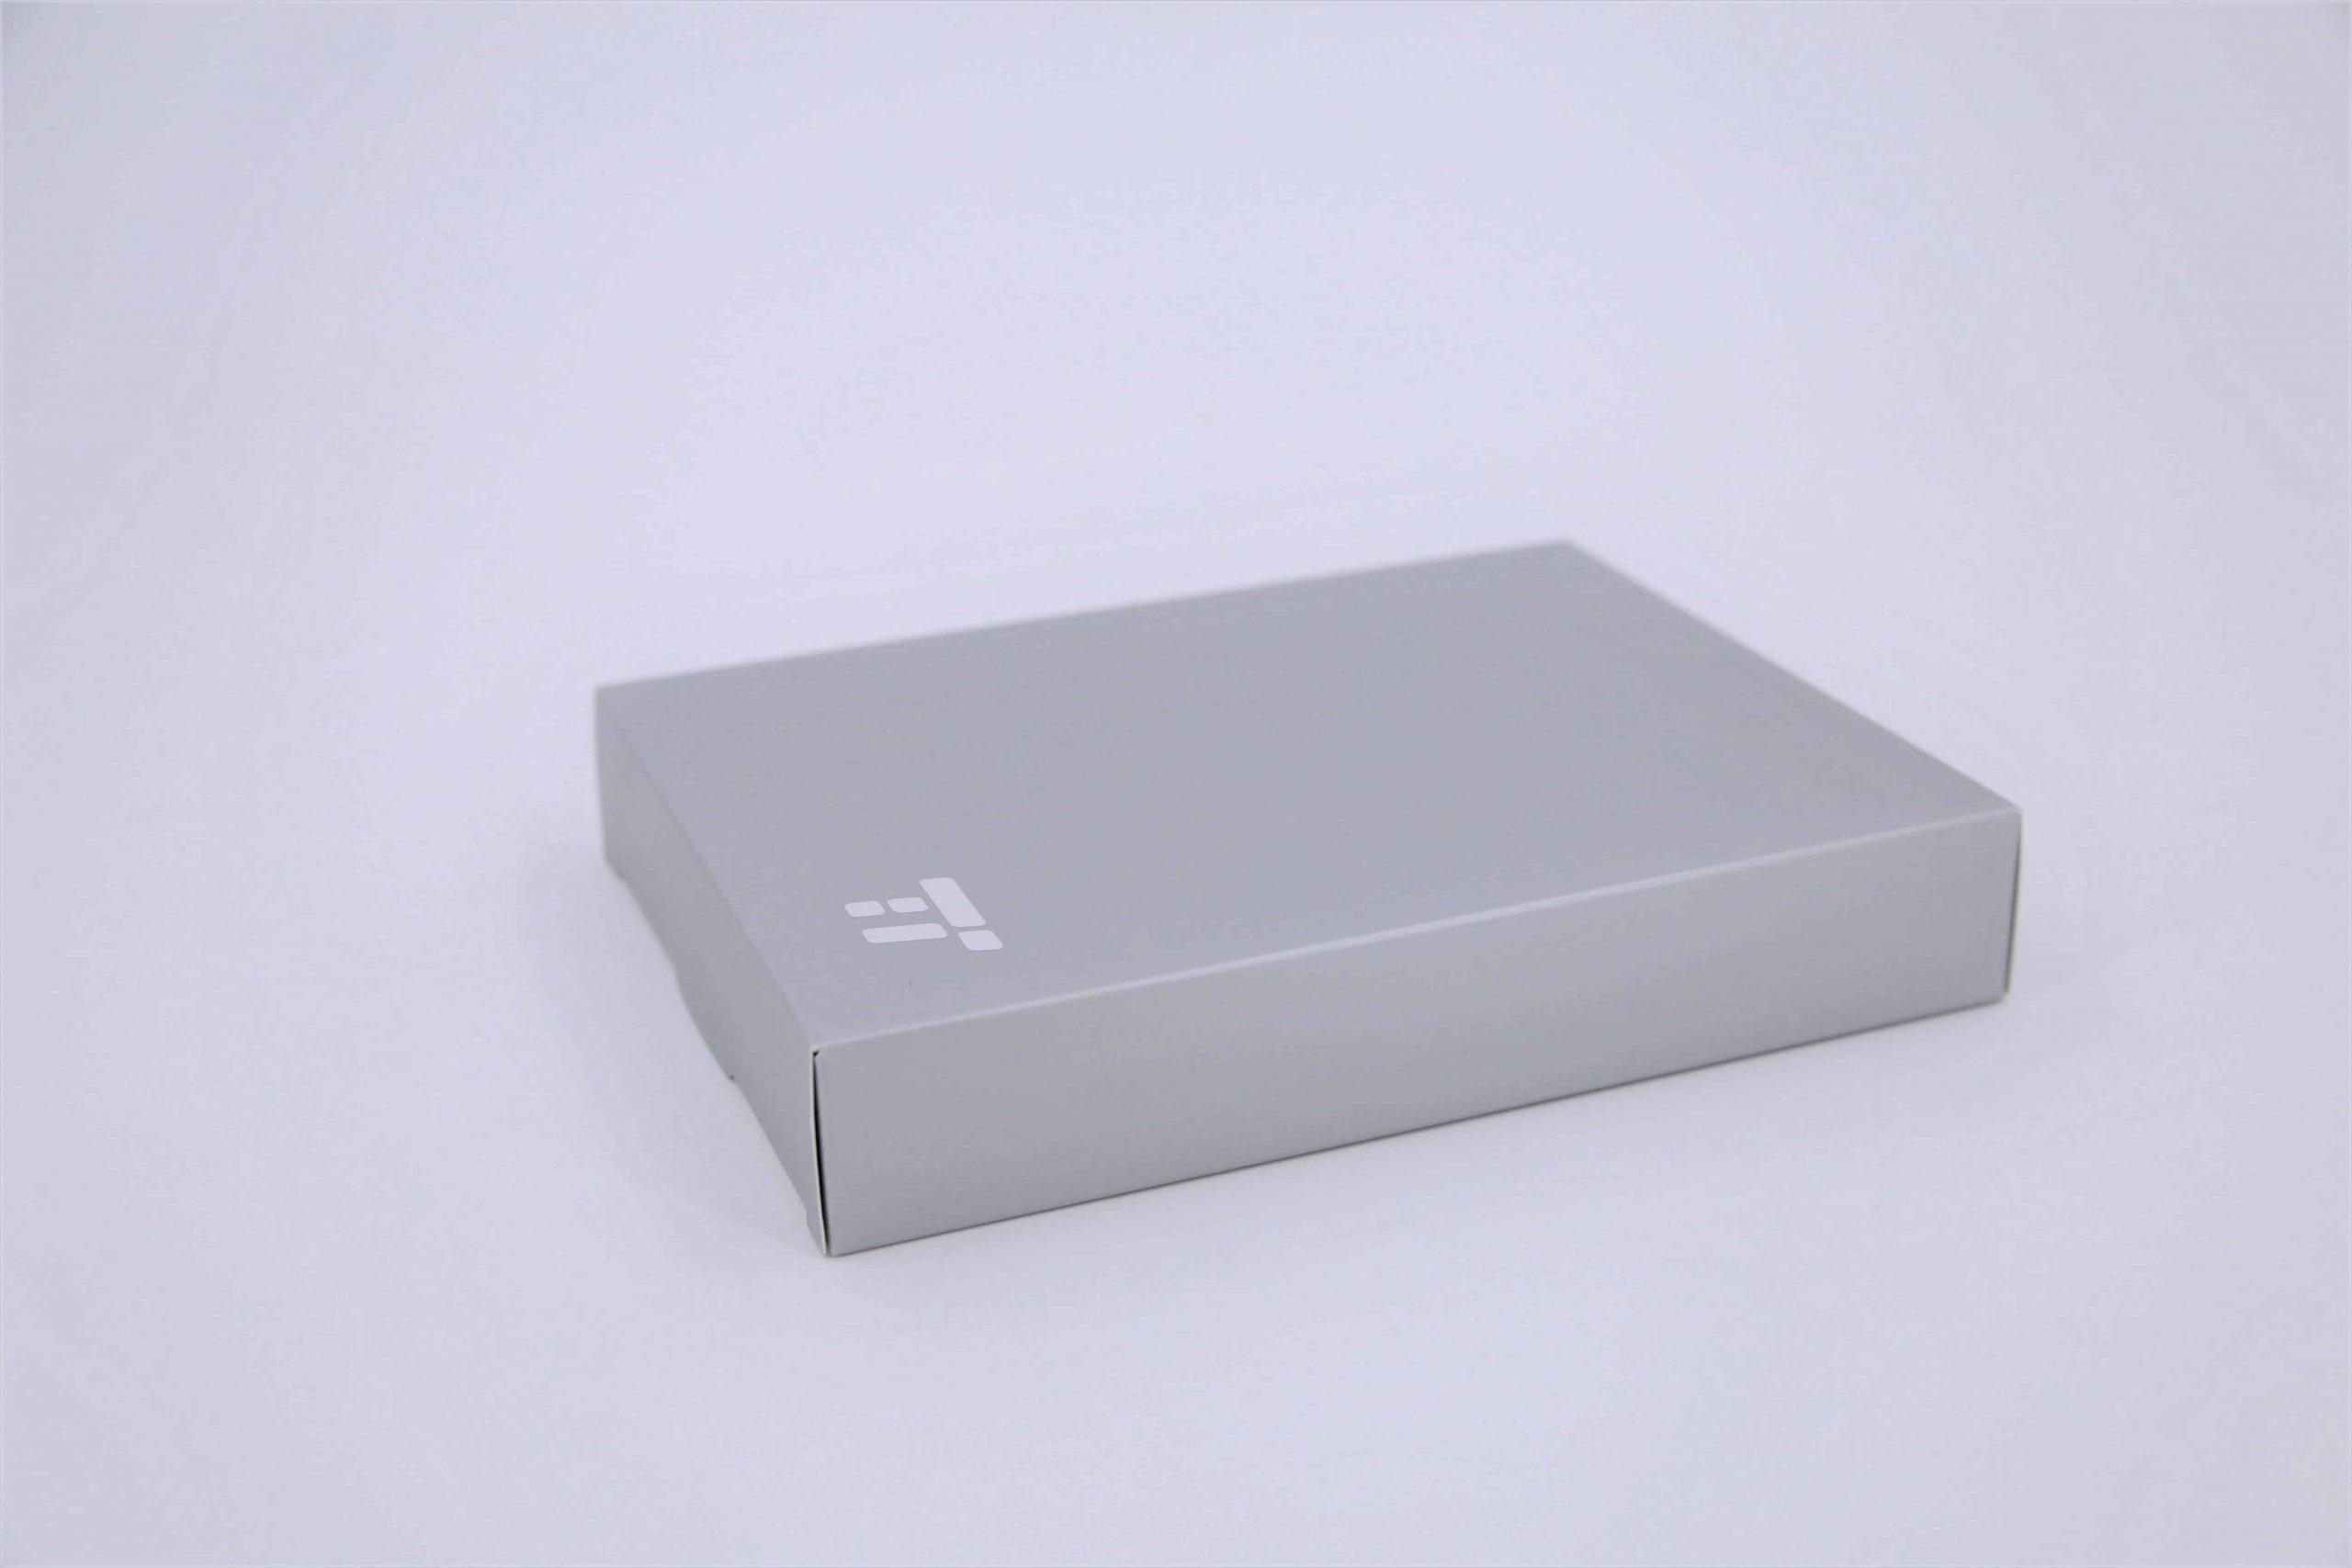 取代BeatsX的高CP值頸掛式降噪藍芽耳機推薦 - TaoTroncis TT-BH042-TechTeller (科技說)